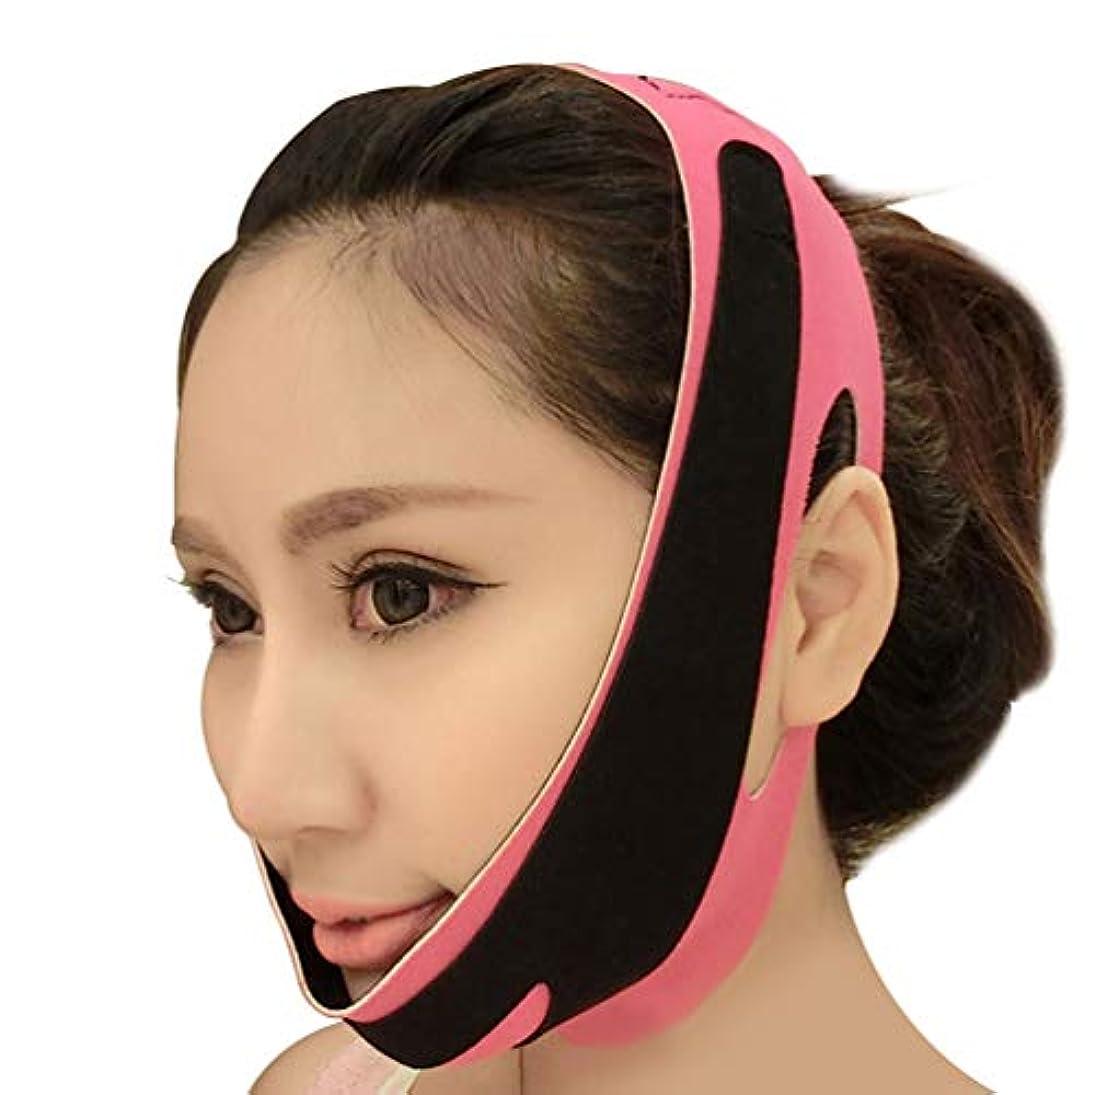 応じるいっぱいワーディアンケースHealifty Vラインあご頬リフトアップバンドVラインリフティングslim身マスク